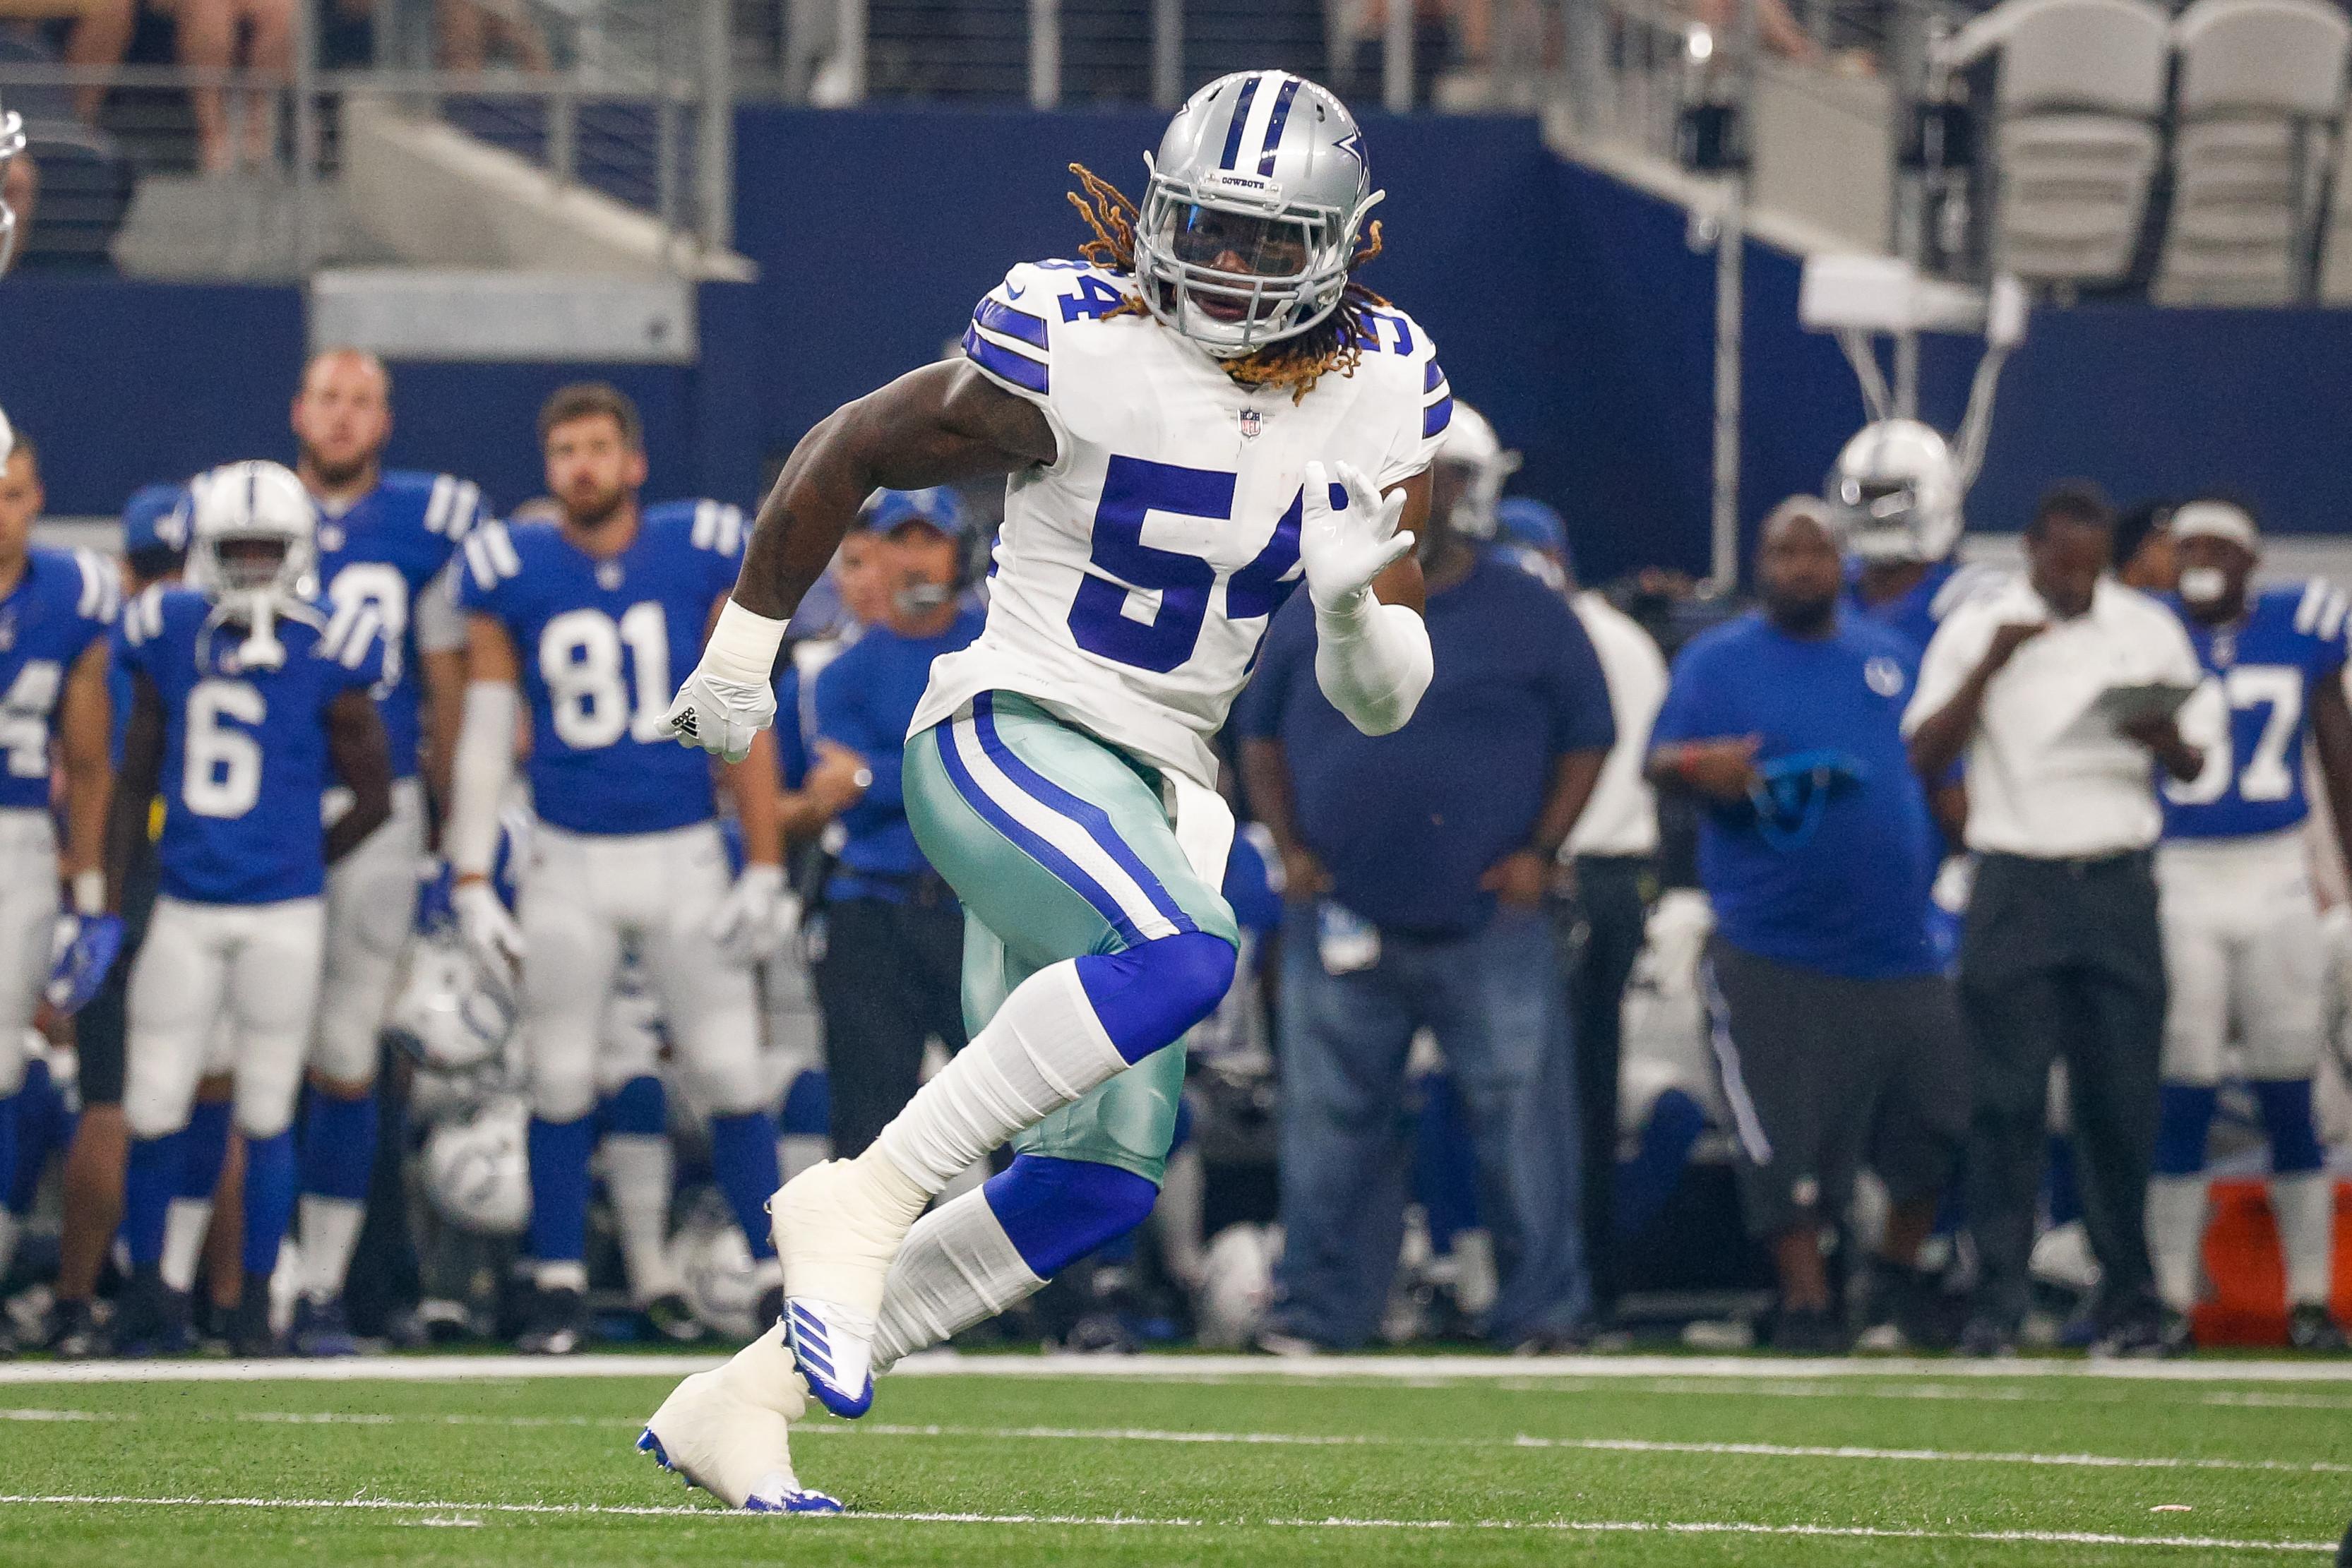 NFL: AUG 19 Preseason - Colts at Cowboys